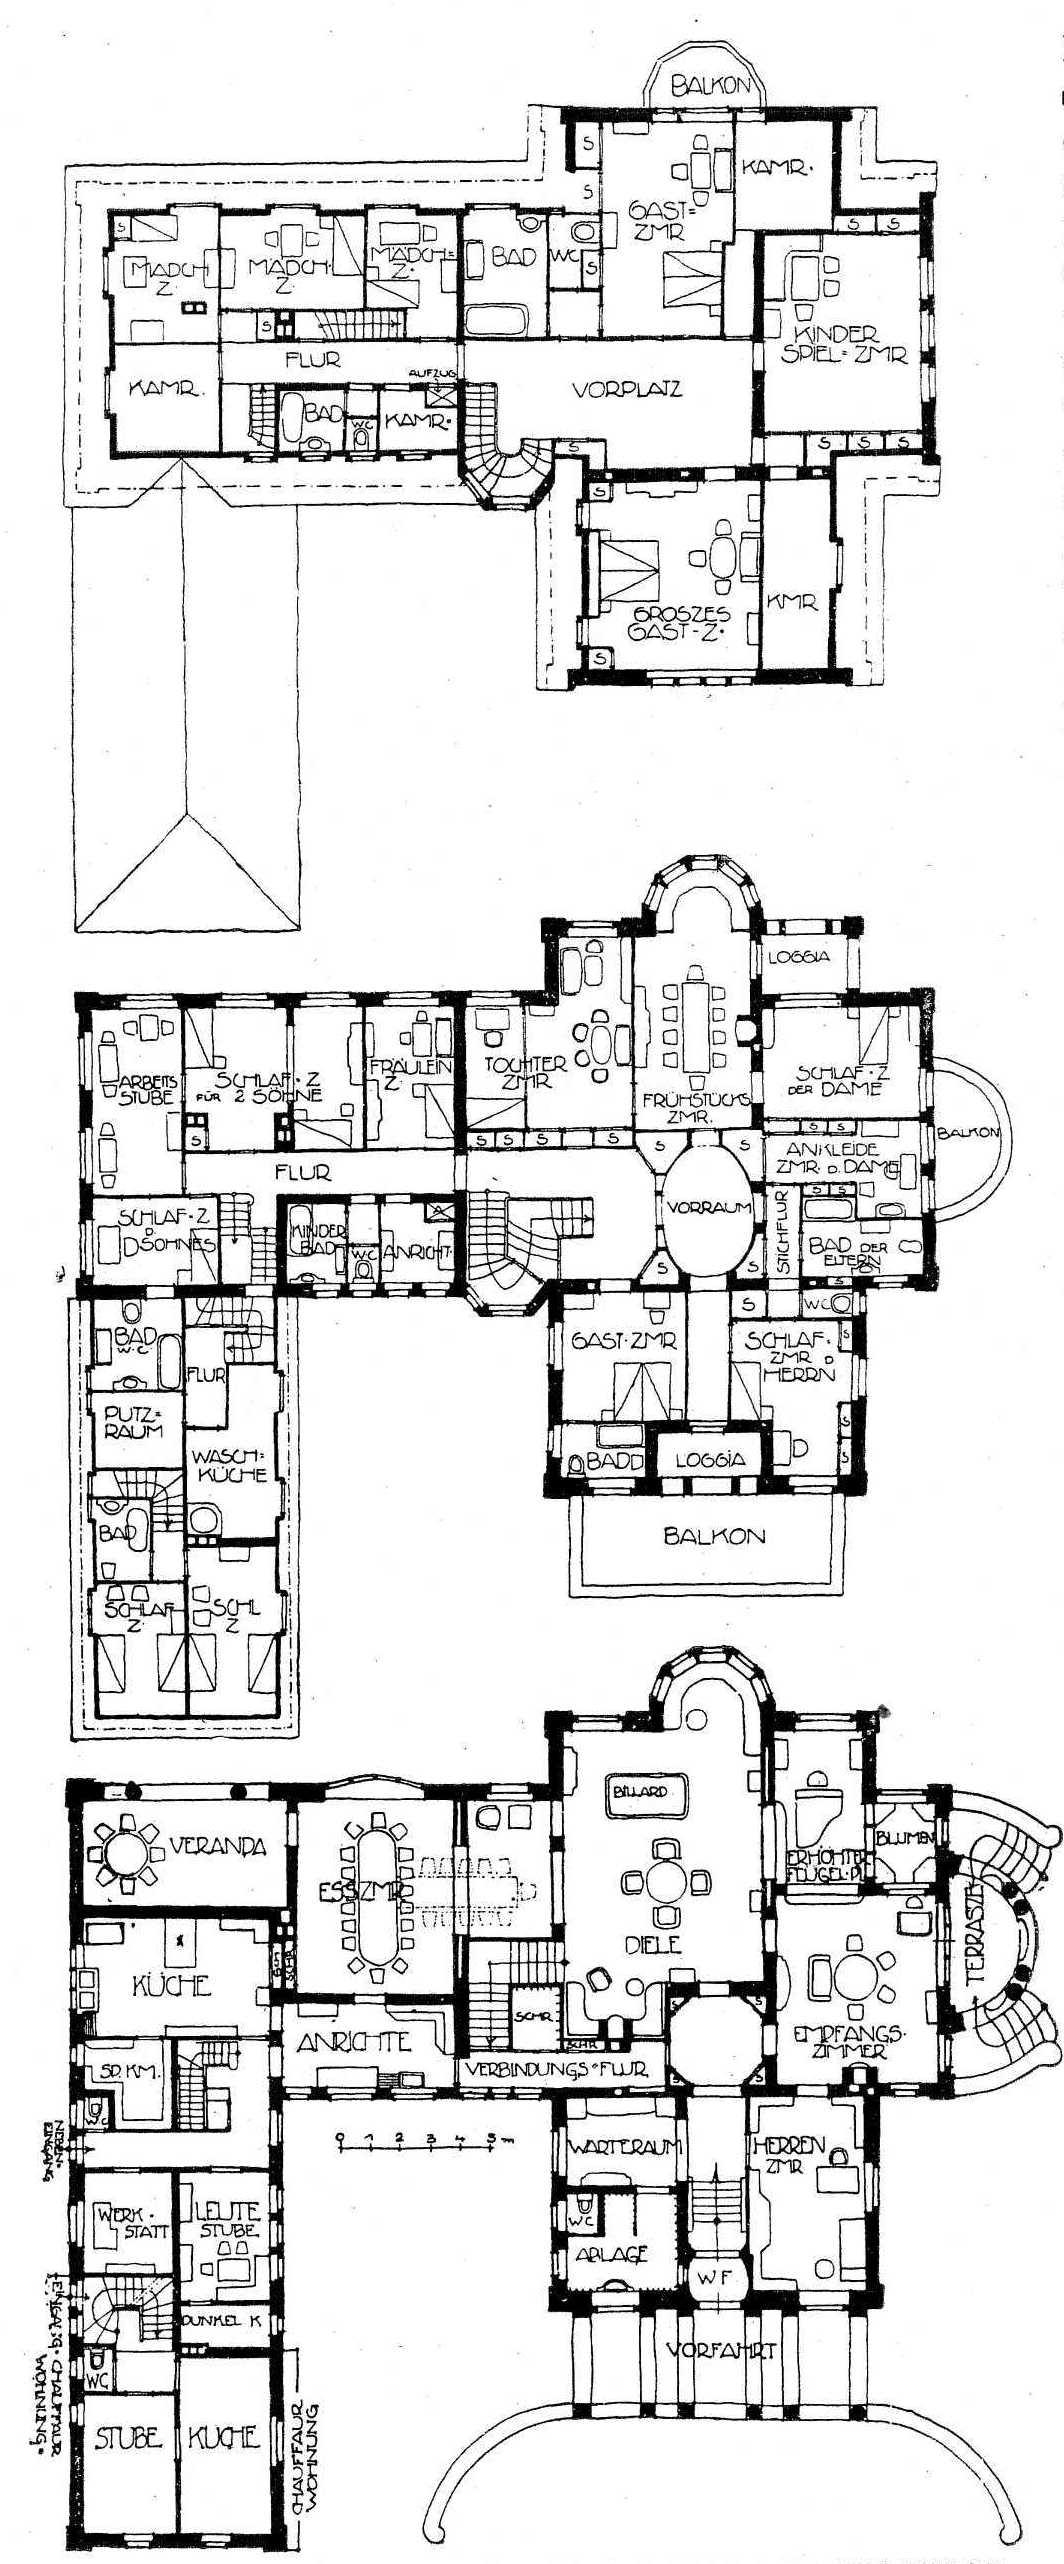 file heilbronn grundriss der villa r melin lerchenstr ecke alexanderstr dachgeschoss. Black Bedroom Furniture Sets. Home Design Ideas